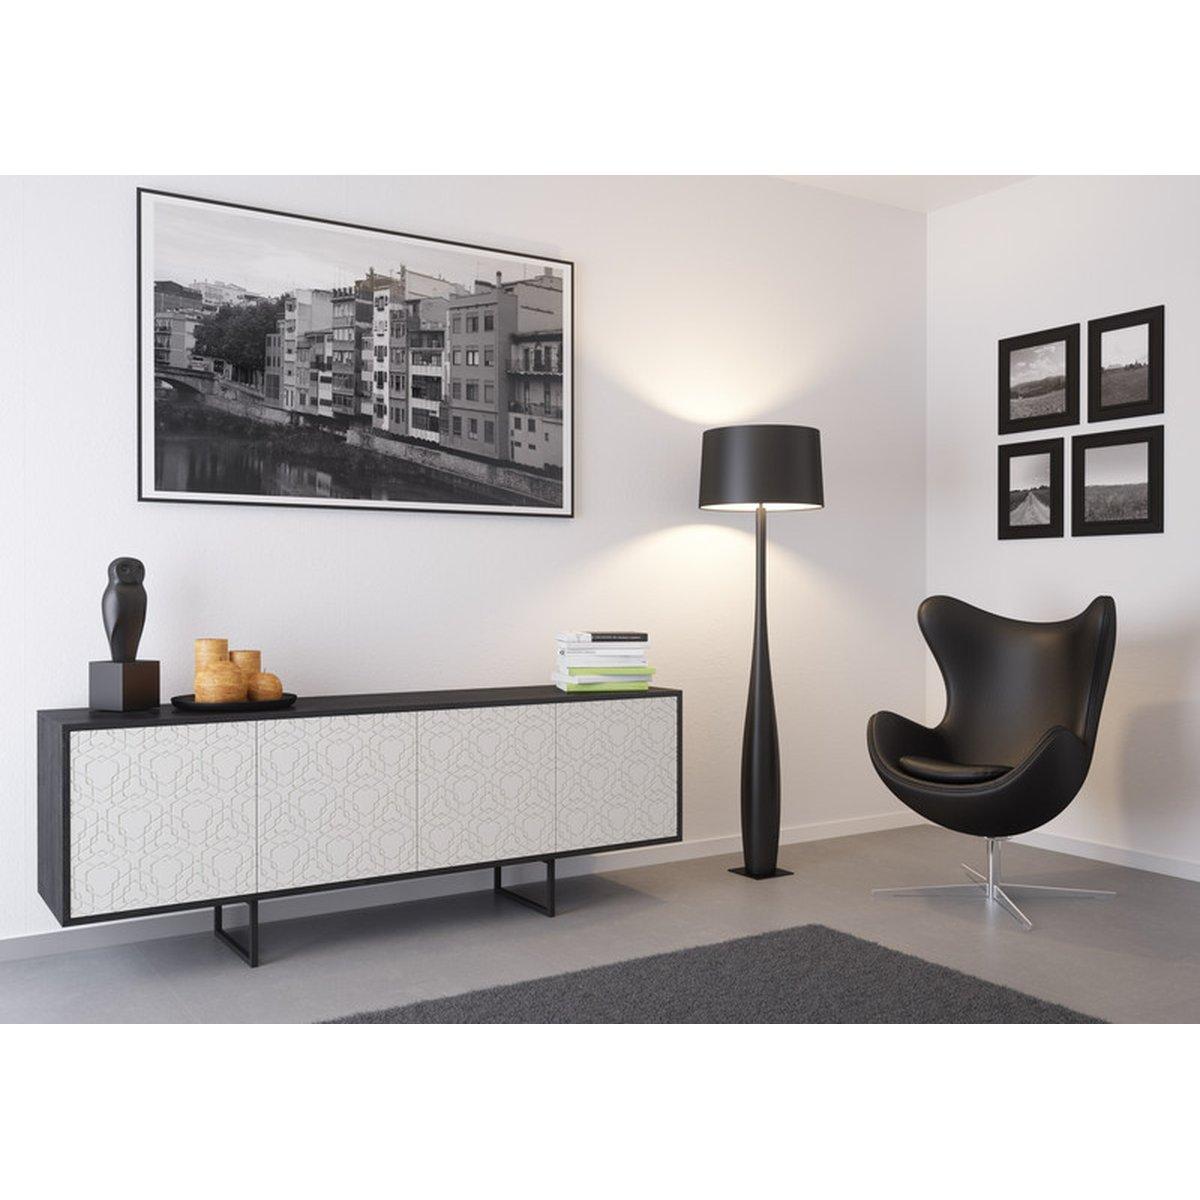 Kommode Sideboard Lowboard Anrichte Wohnzimmer Schrank